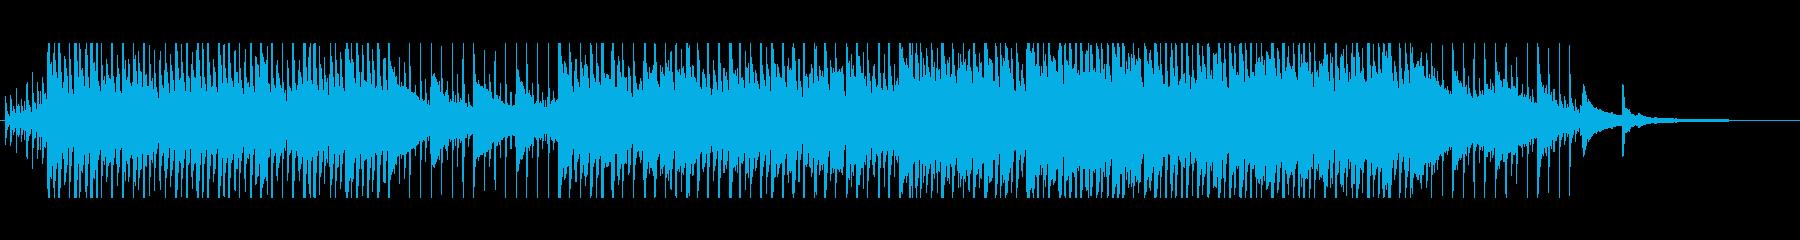 透明感のある元気なコーポレート90秒CMの再生済みの波形